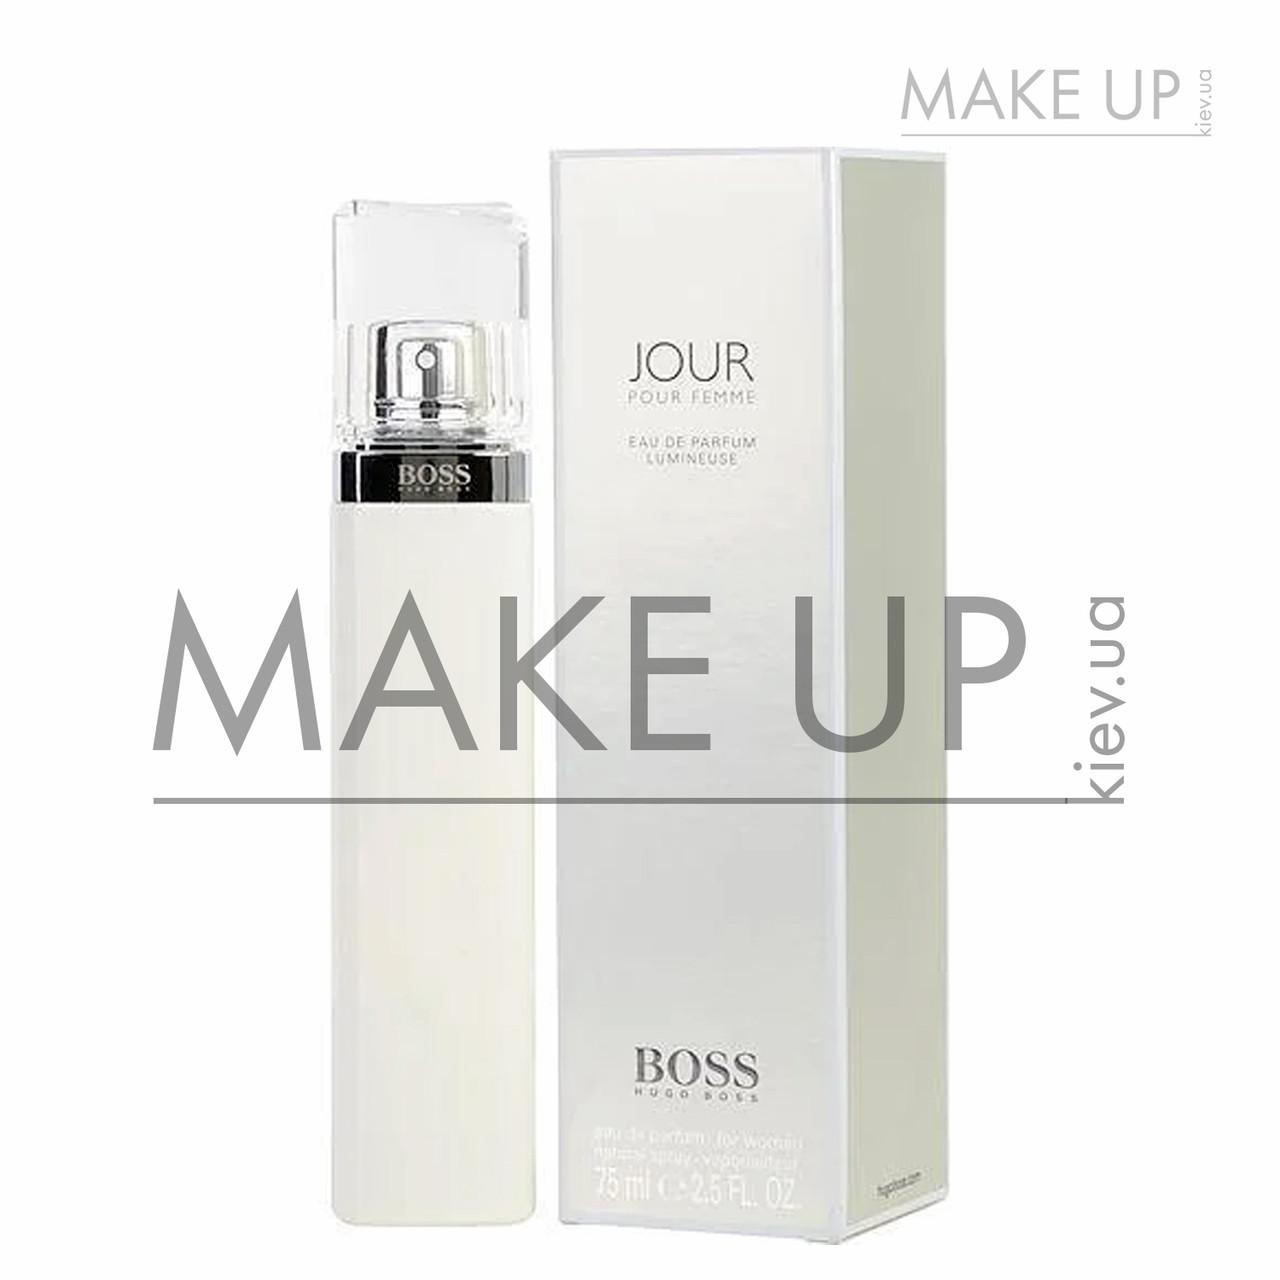 Женская парфюмированная вода Hugo Boss Jour Lumineuse EDP 75 мл. | Лицензия Объединенные Арабские Эмираты